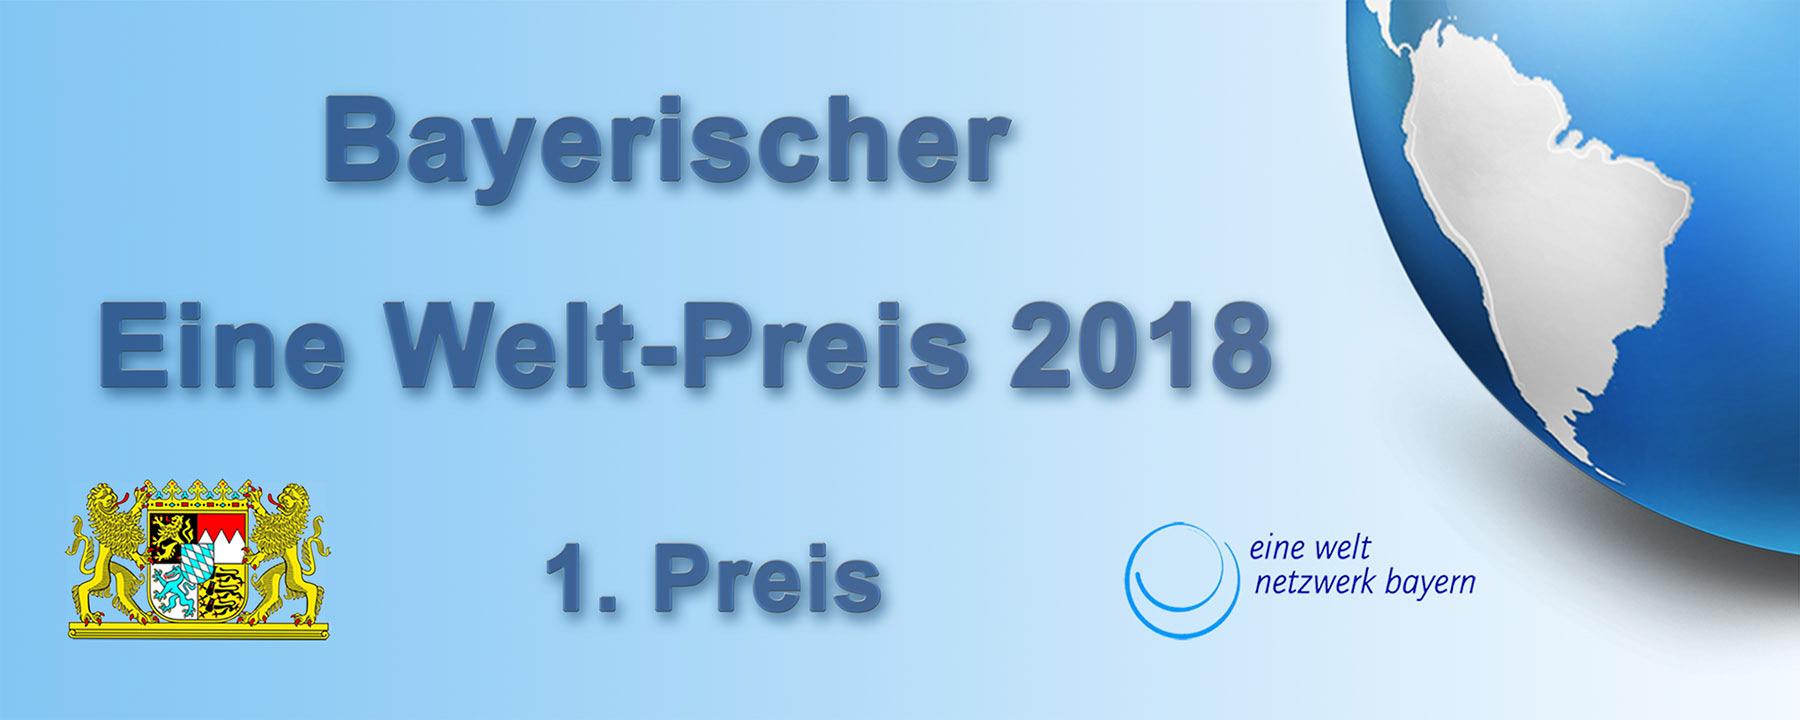 Bayerischer Eine Welt-Preis - 1. Preis